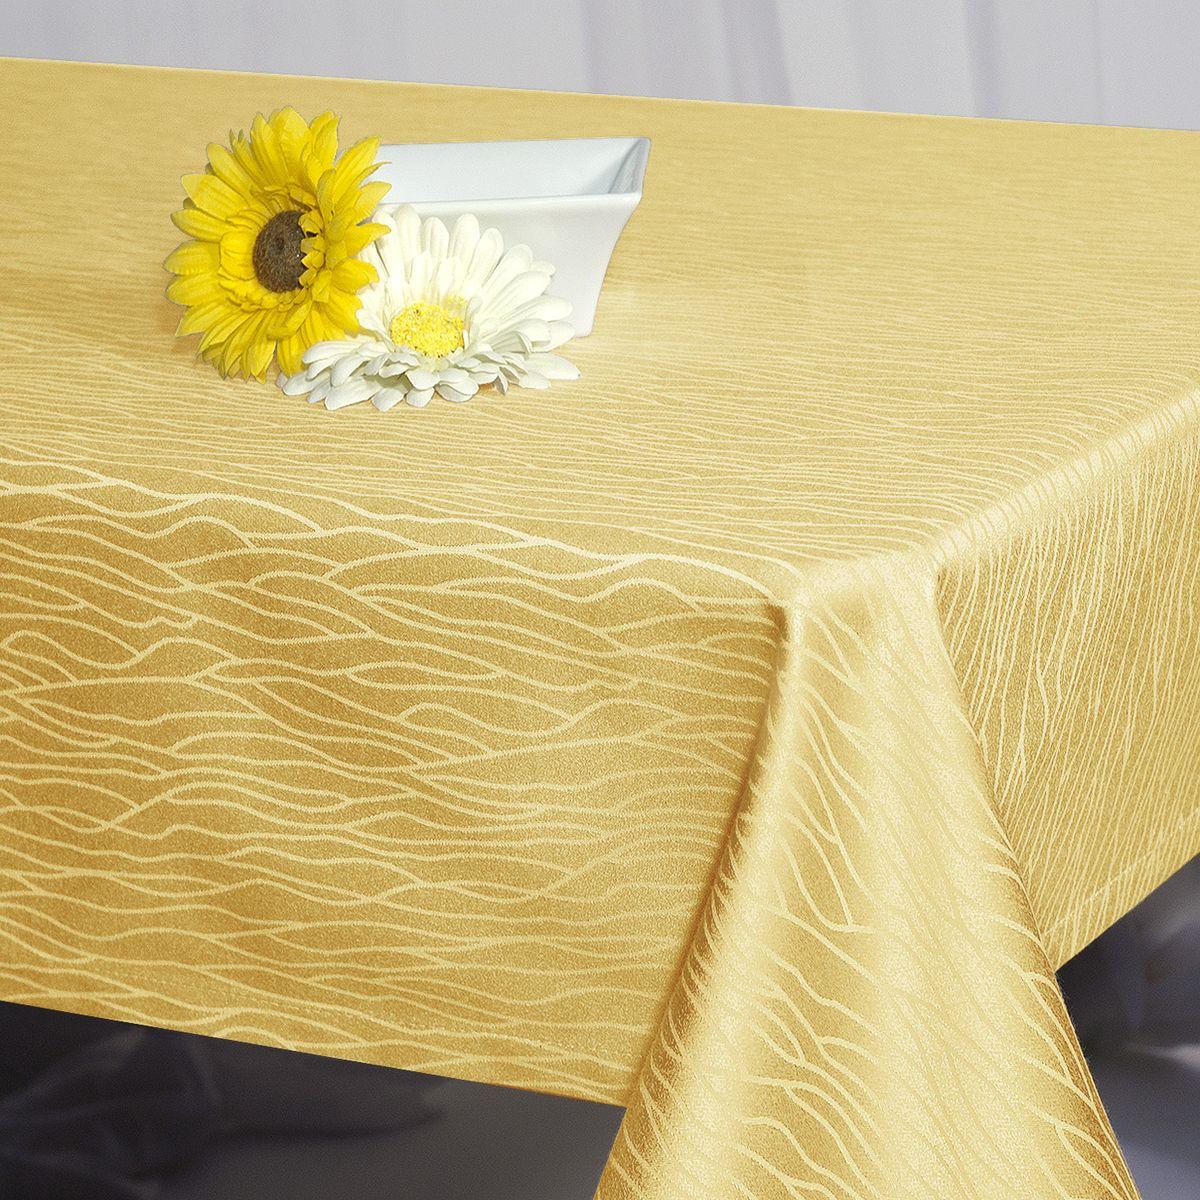 Скатерть Schaefer, прямоугольная, цвет: желтый, 130 x 170 см. 07424-429VT-1520(SR)Стильная скатерть Schaefer выполнена из полиэстера и хлопка.Изделия из полиэстера легко стирать: они не мнутся, не садятся и быстро сохнут, они более долговечны, чем изделия из натуральных волокон.Немецкая компания Schaefer создана в 1921 году. На протяжении всего времени существования она создает уникальные коллекции домашнего текстиля для гостиных, спален, кухонь и ванных комнат. Дизайнерские идеи немецких художников компании Schaefer воплощаются в текстильных изделиях, которые сделают ваш дом красивее и уютнее и не останутся незамеченными вашими гостями. Дарите себе и близким красоту каждый день!